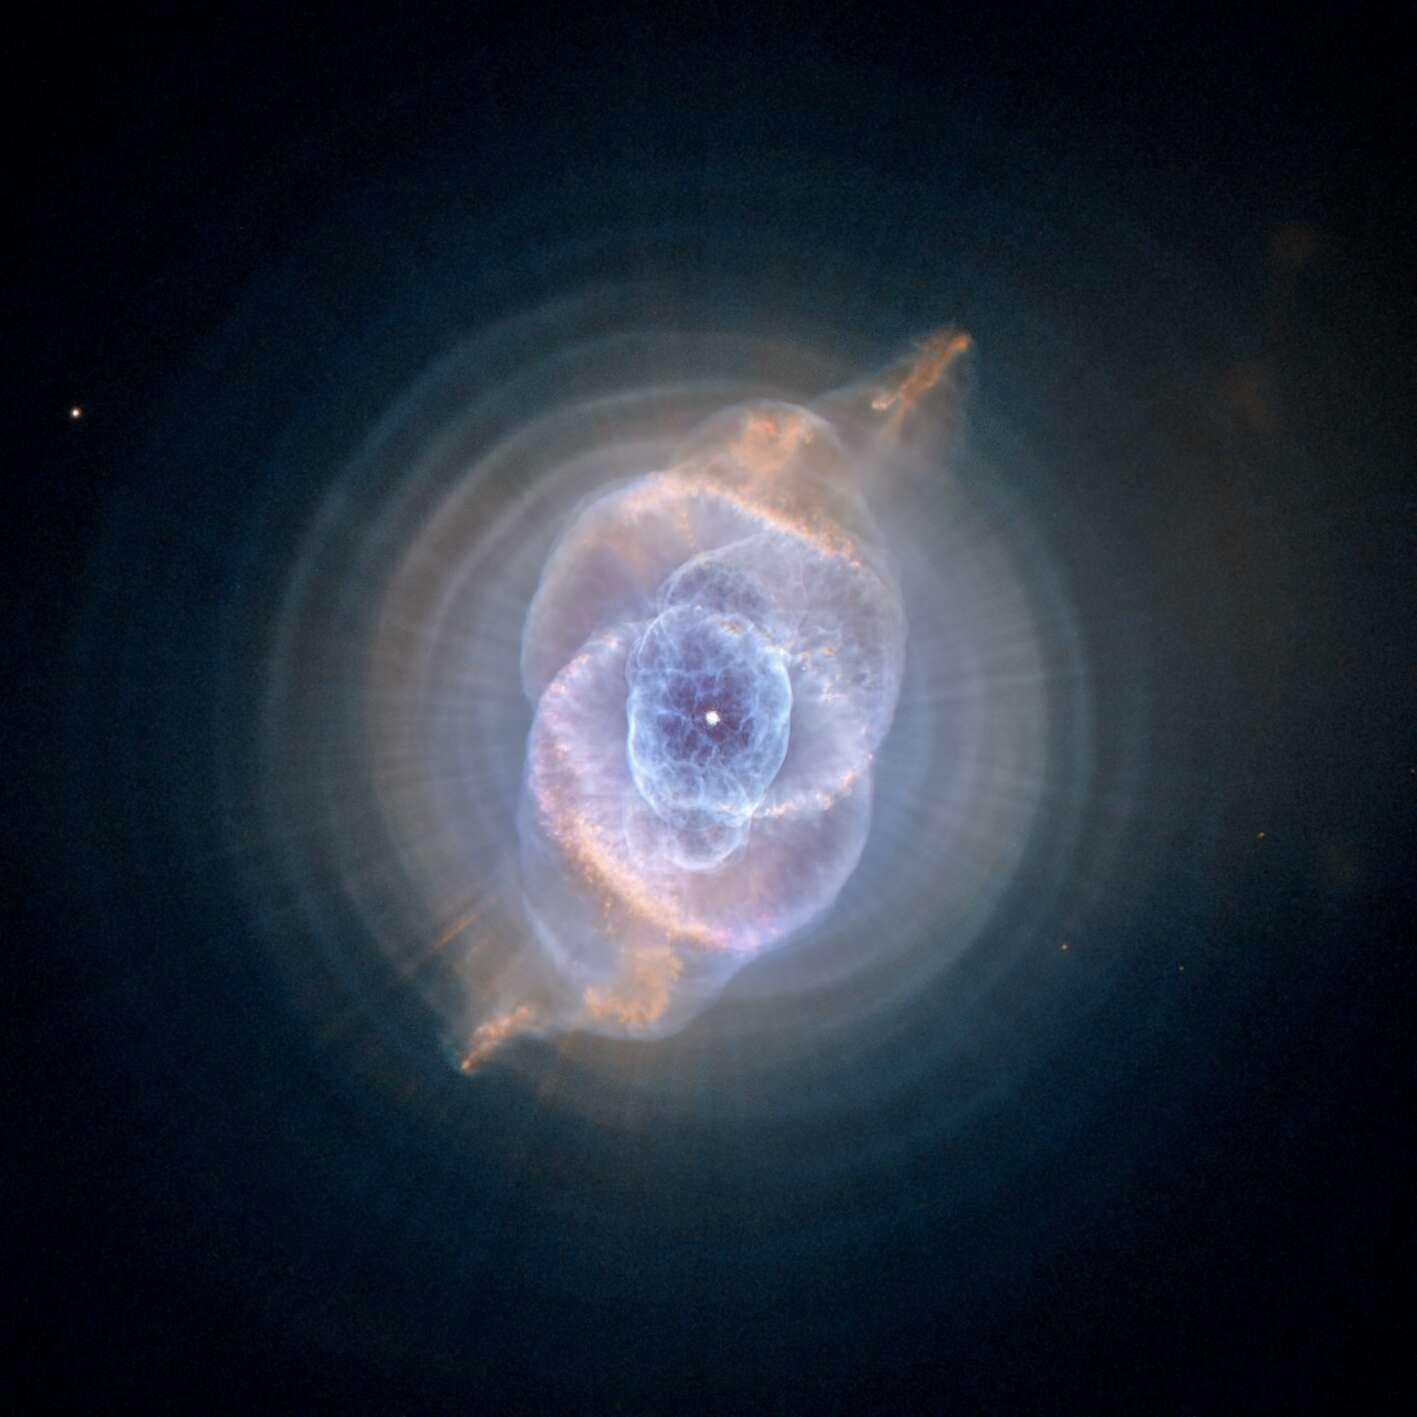 Nébuleuse de l'œil de Chat, photo prise par le télescope spatial Hubble grâce à la caméra de prospection avancée (ACS). © Nasa